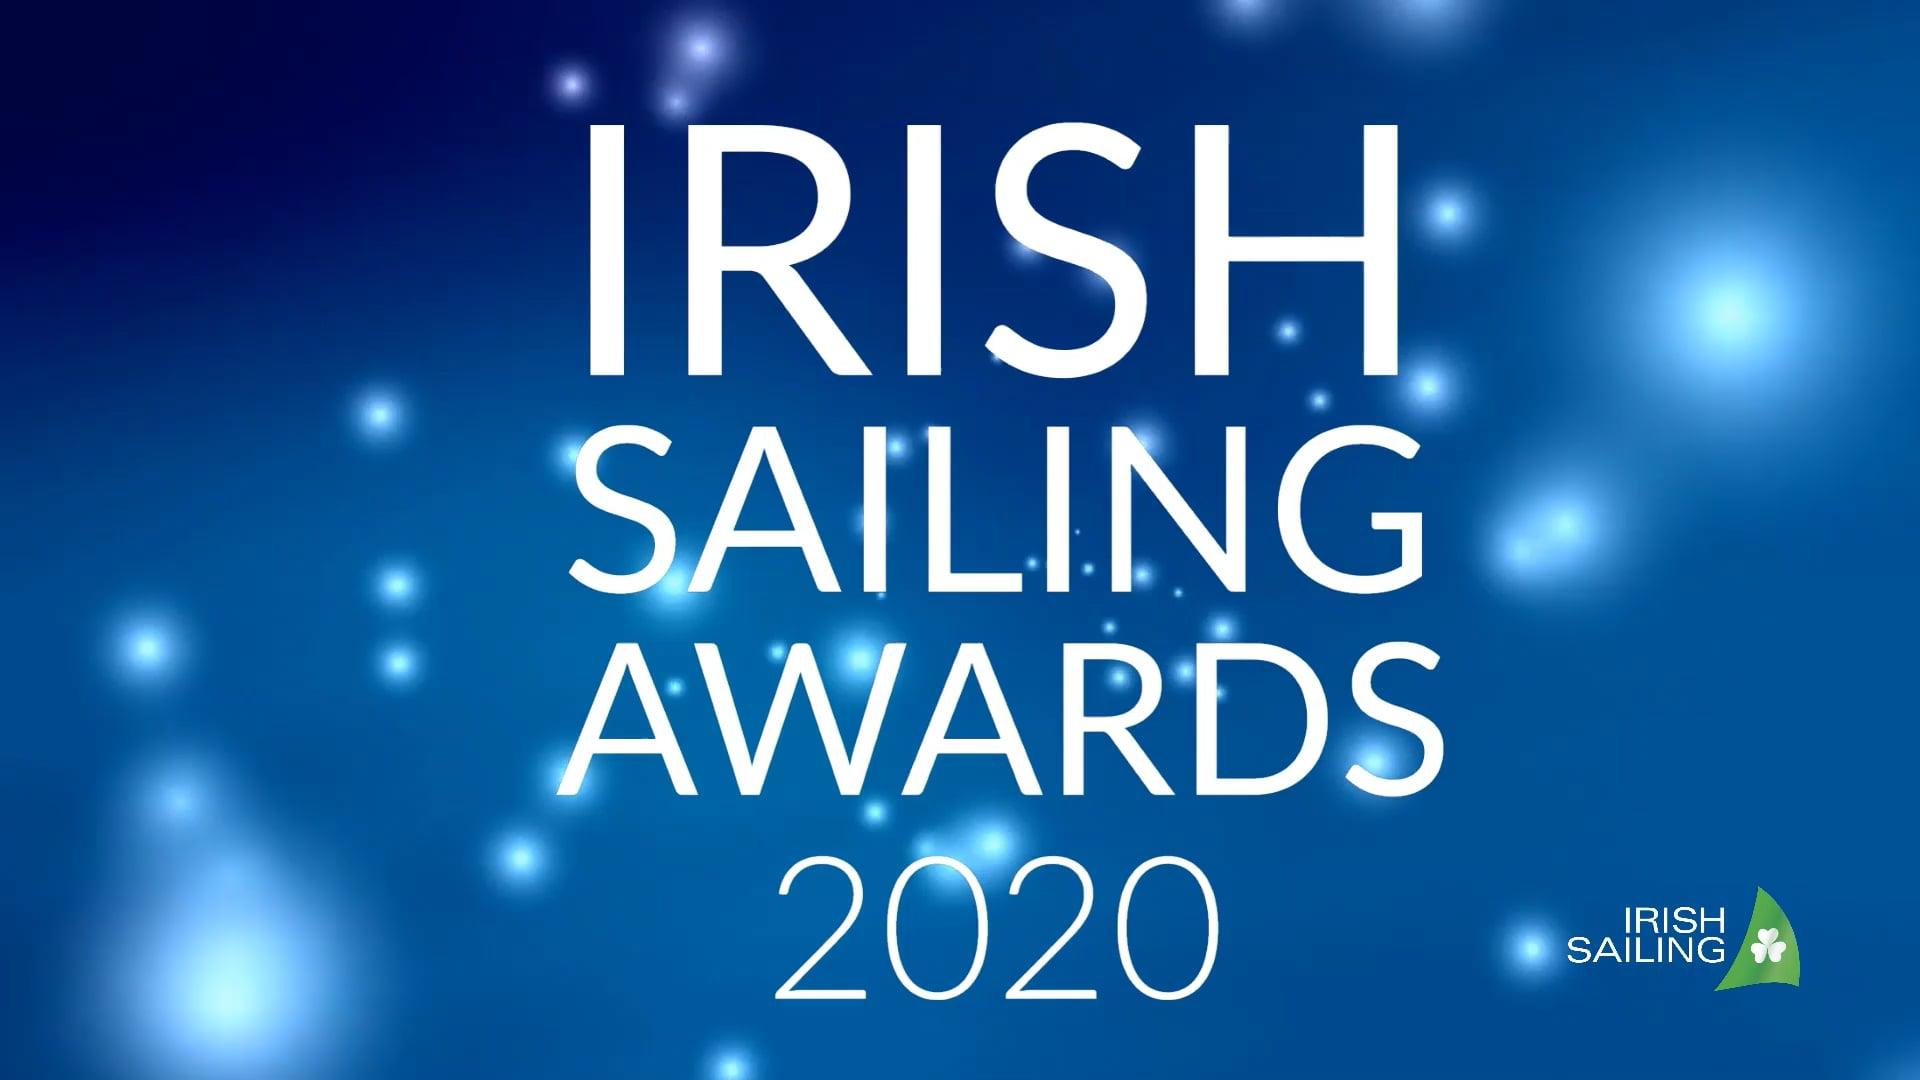 Irish Sailing Awards 2020